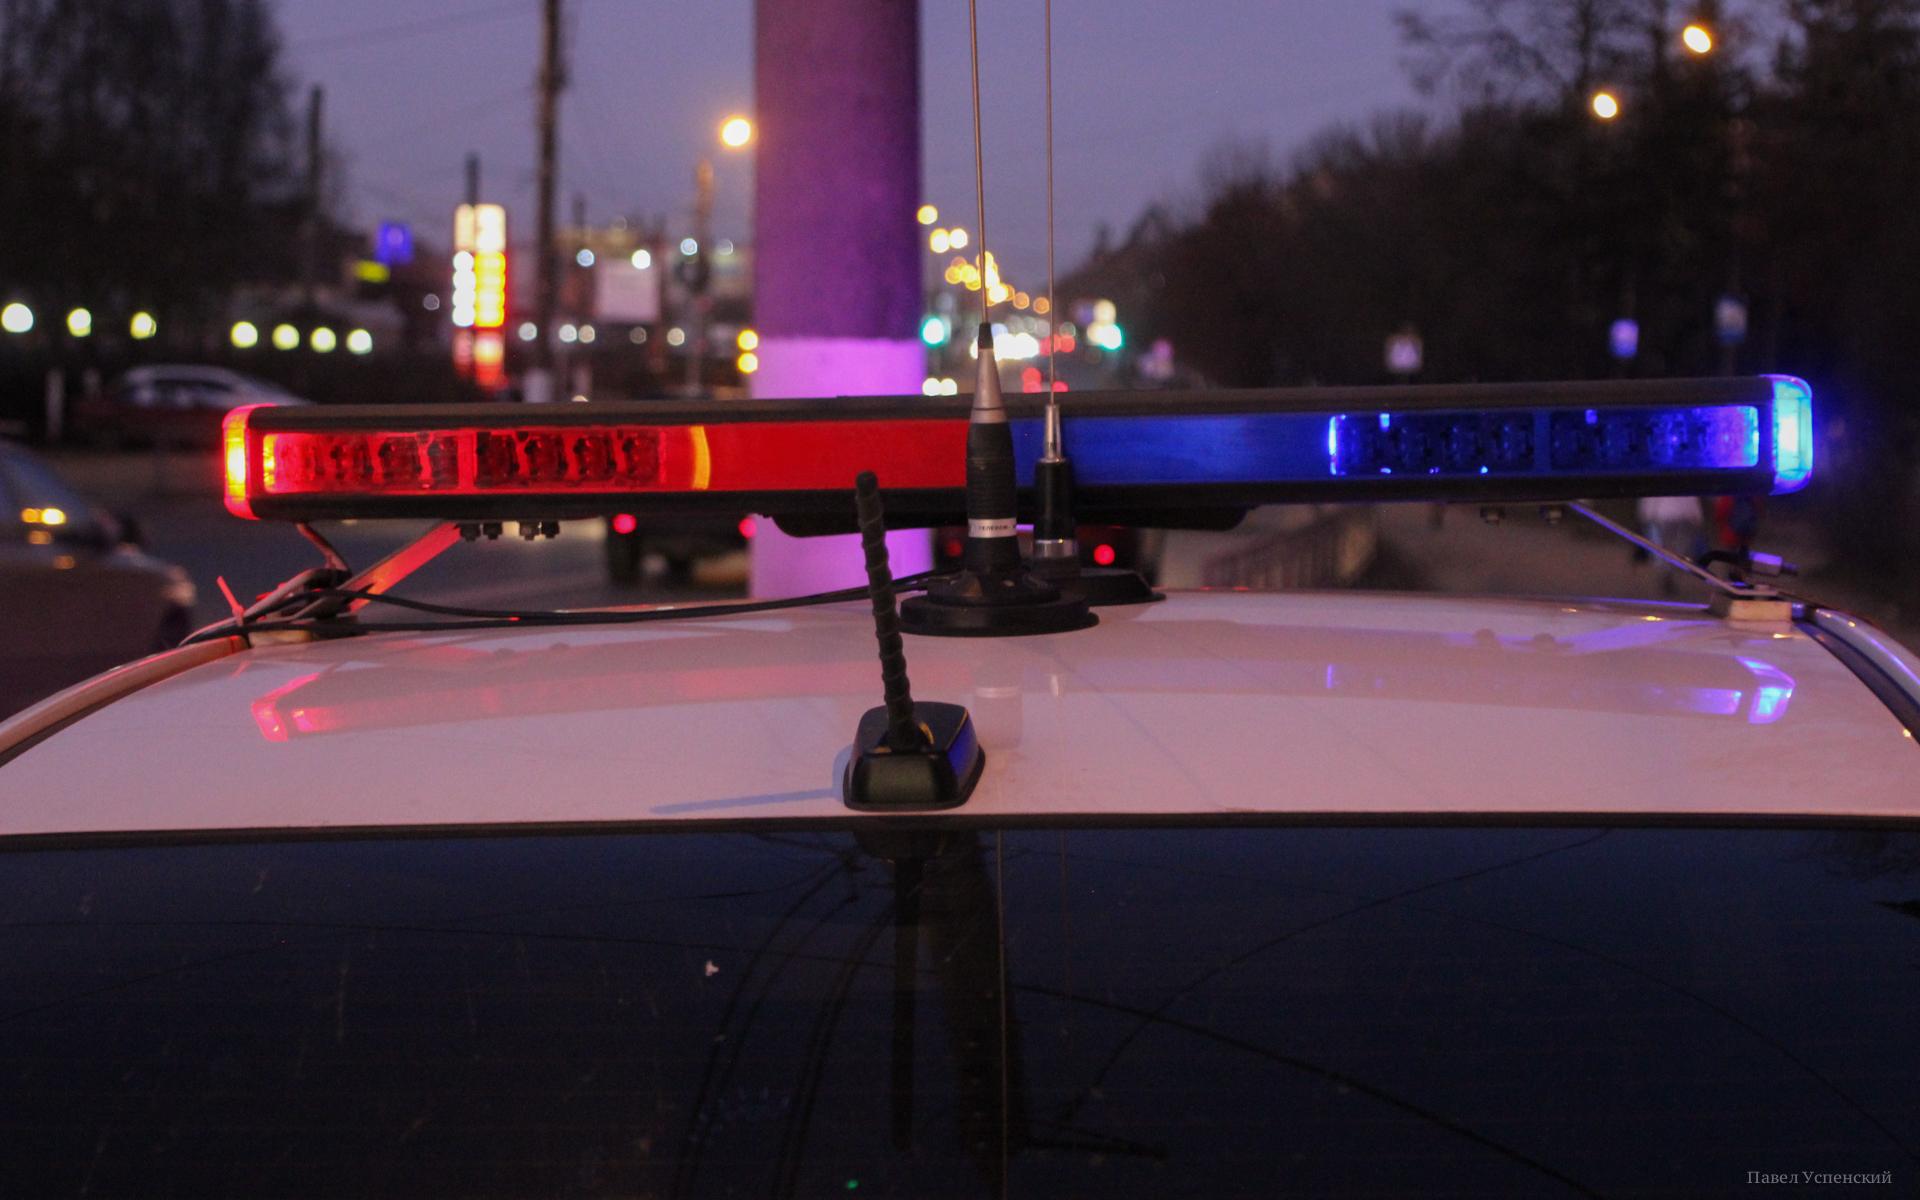 Уснувший за рулем водитель и 16-летняя девочка получили травмы в ДТП на М10 в Тверской области